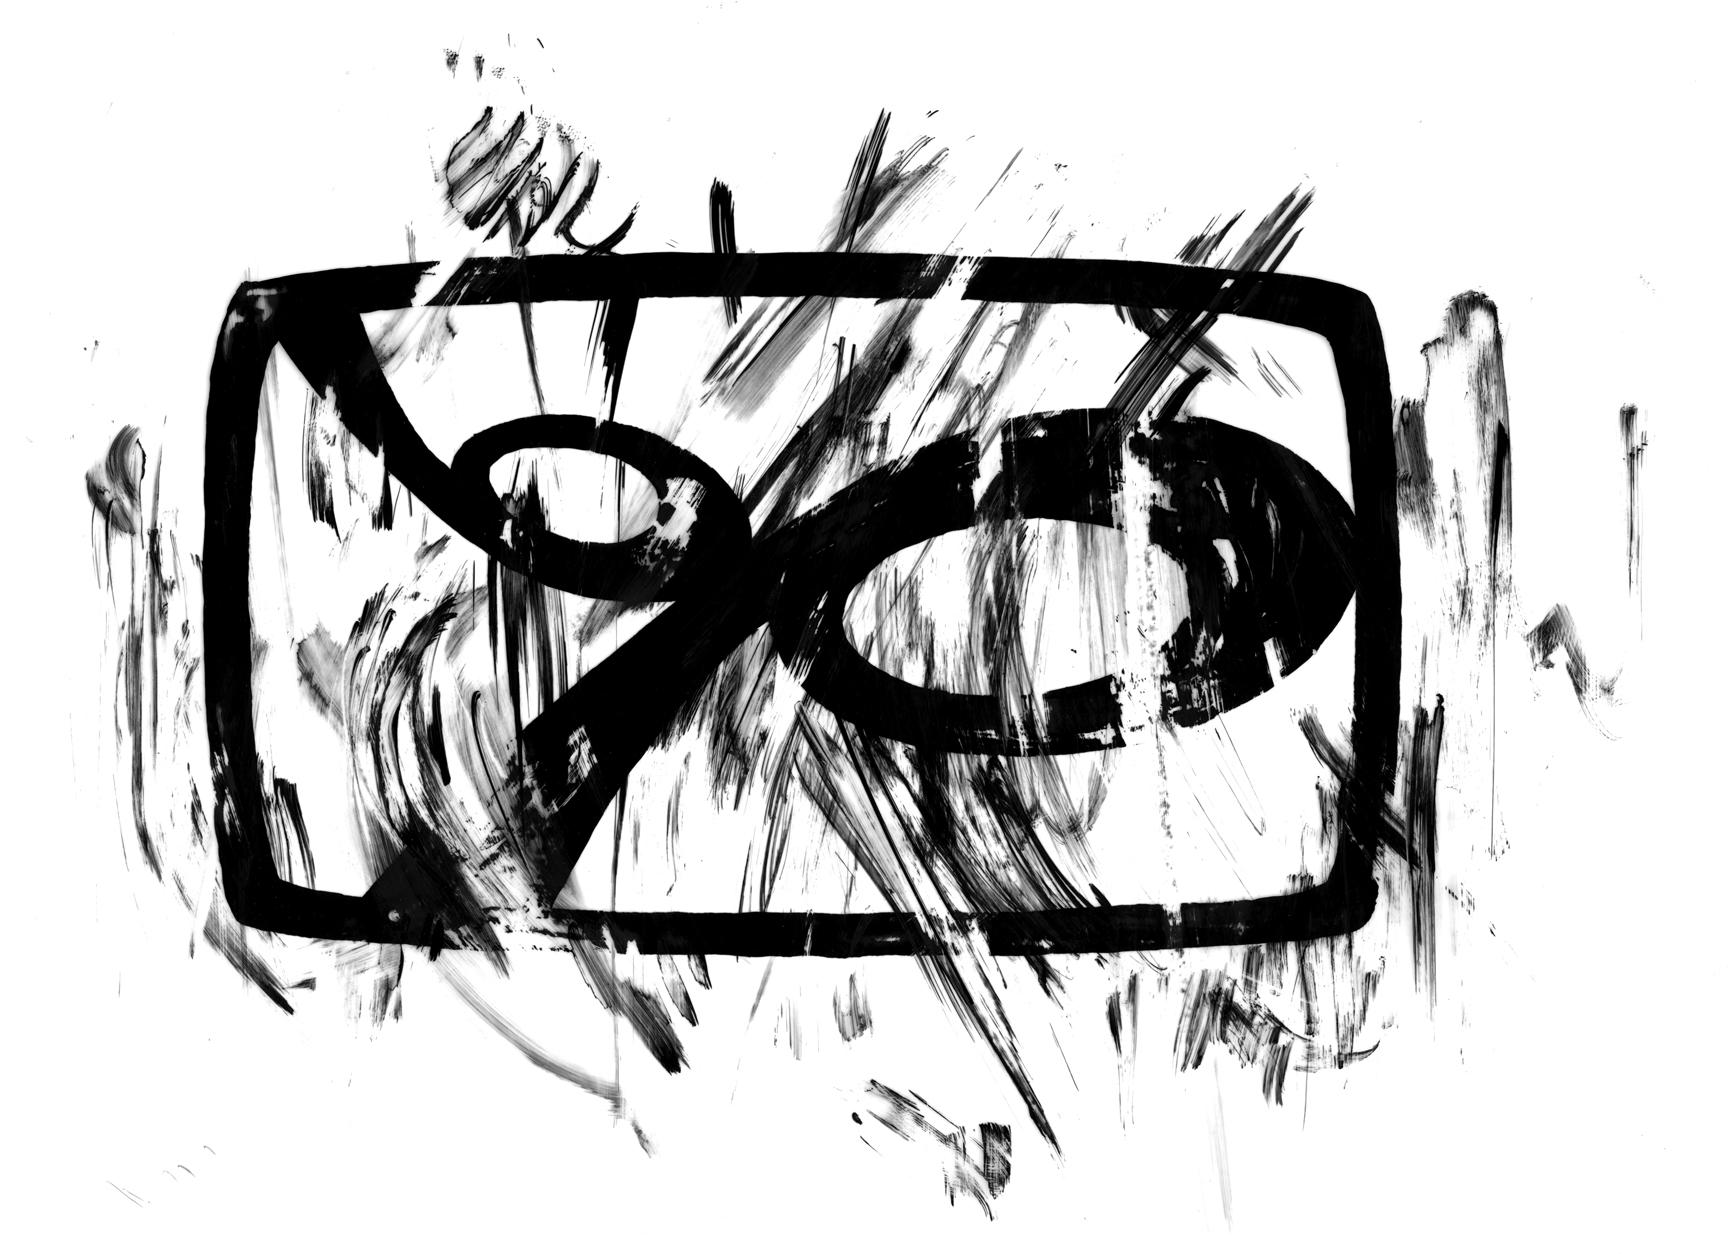 bp_skated_logo_no_halftone.jpg